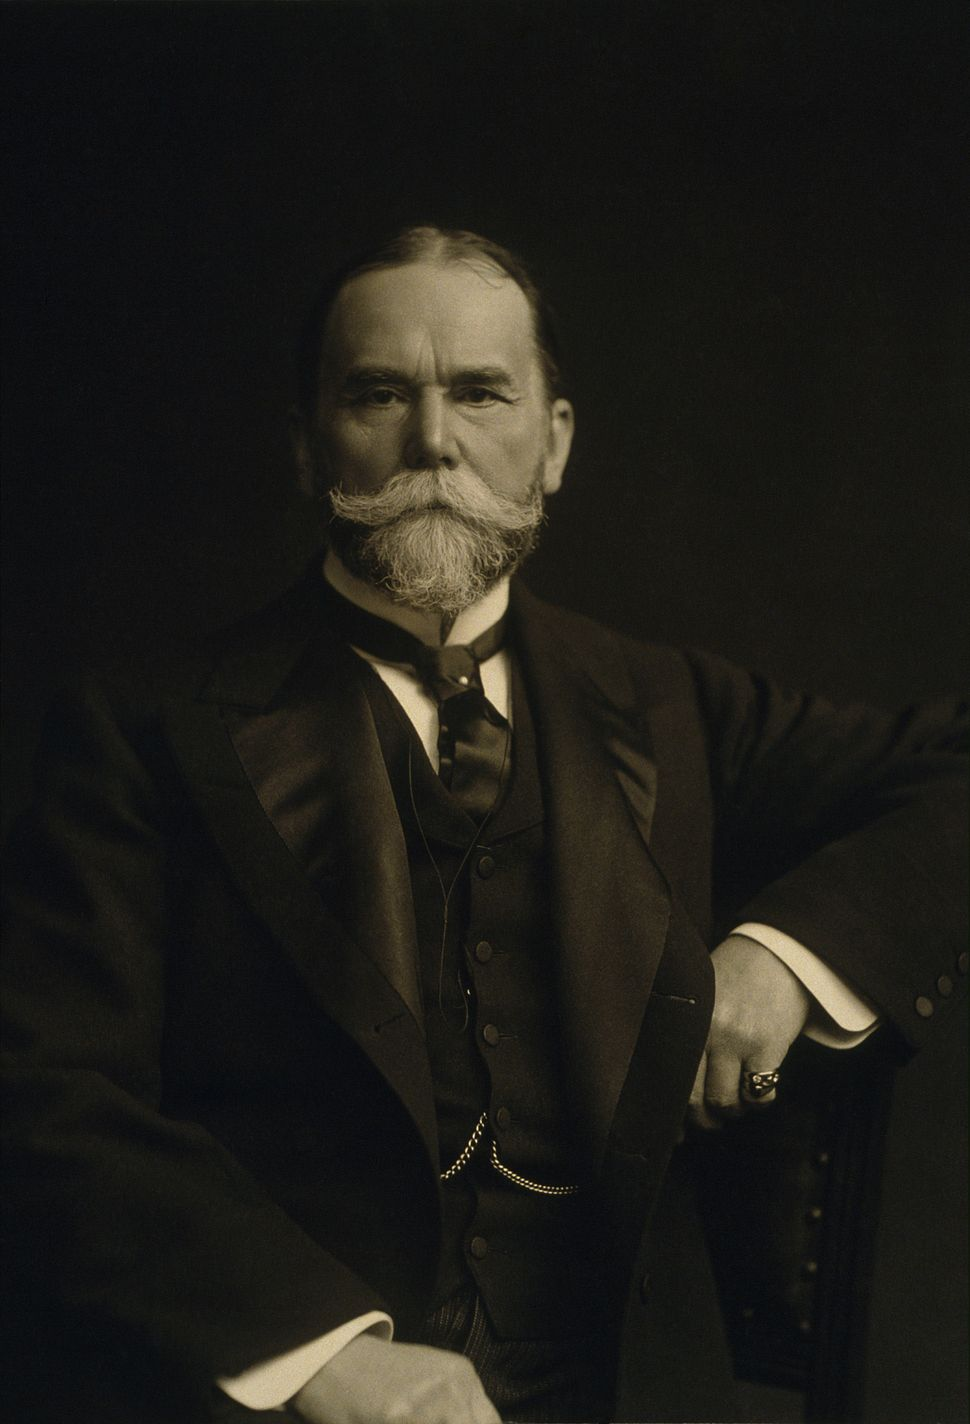 C.M. Gilbert. - John Hay, c. 1904